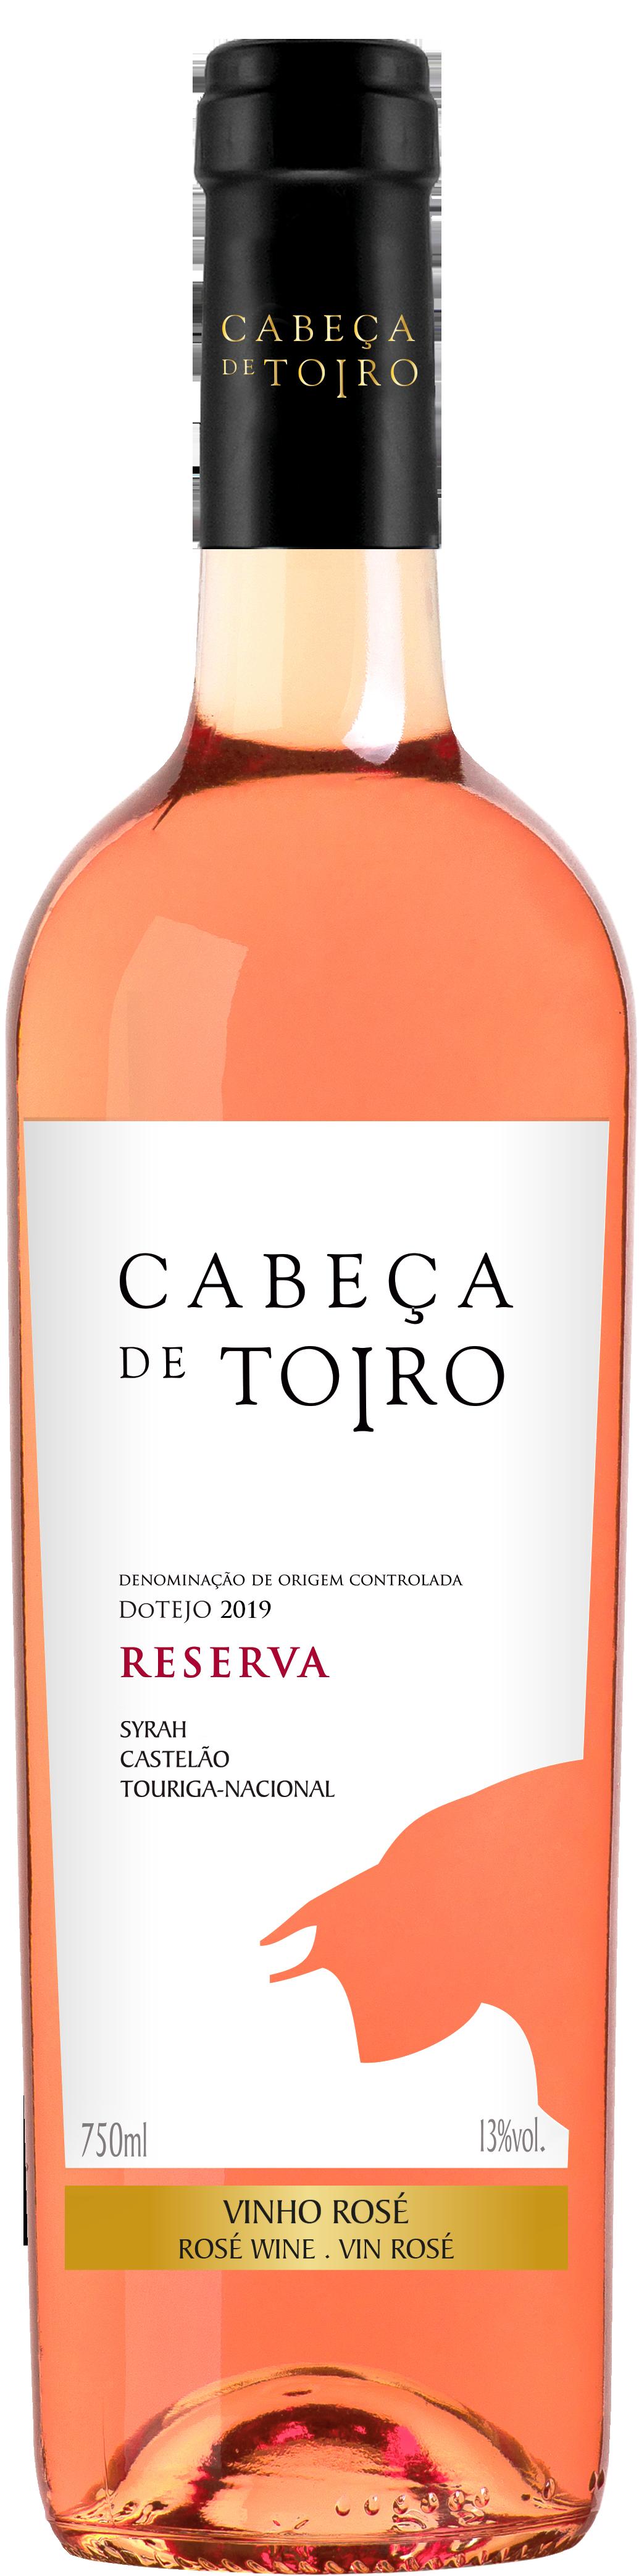 CABEÇA DE TOIRO RESERVE ROSE